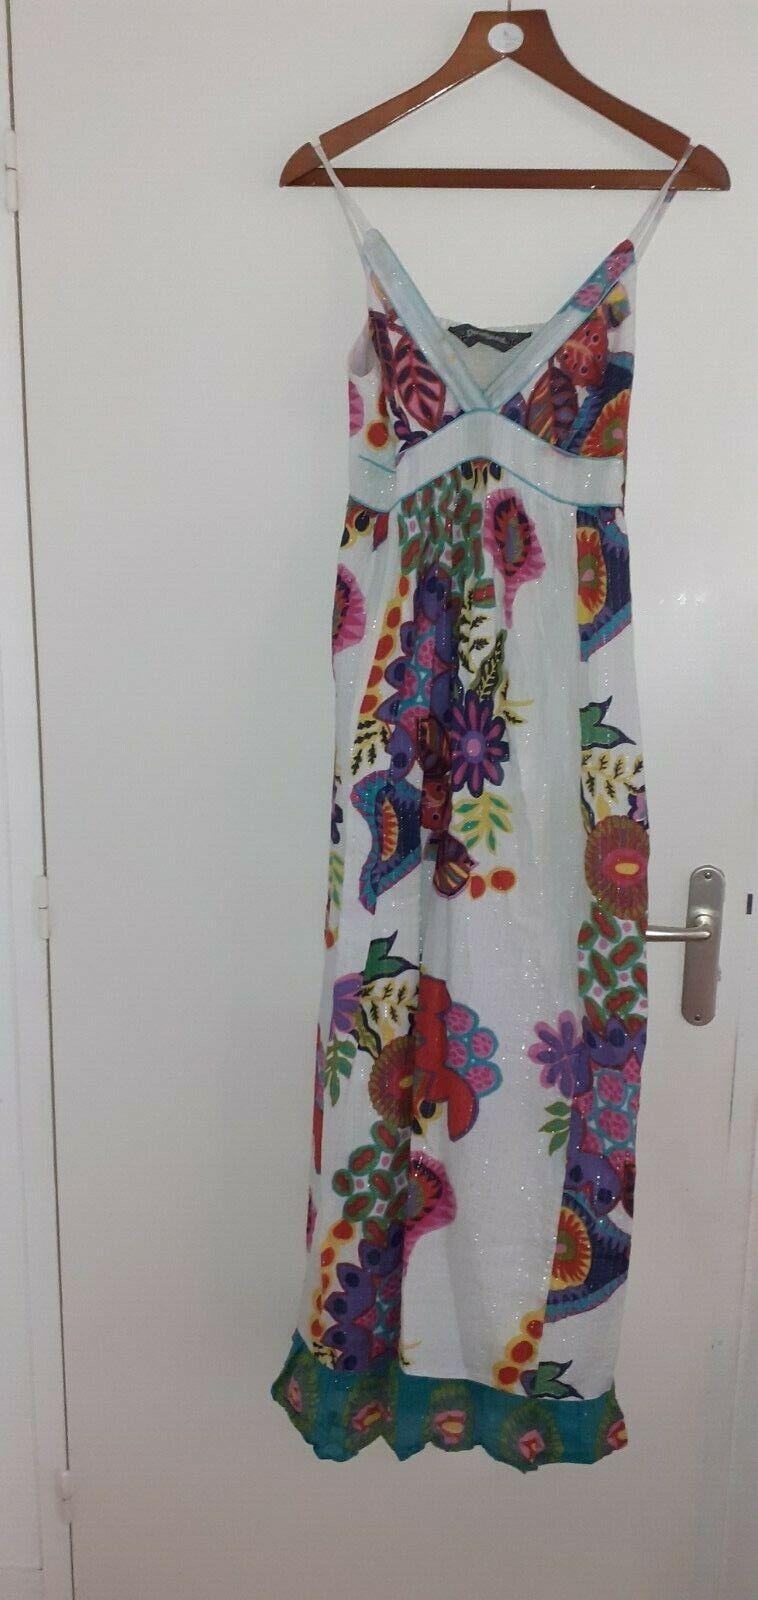 Magnifique robe longue desigual t.40